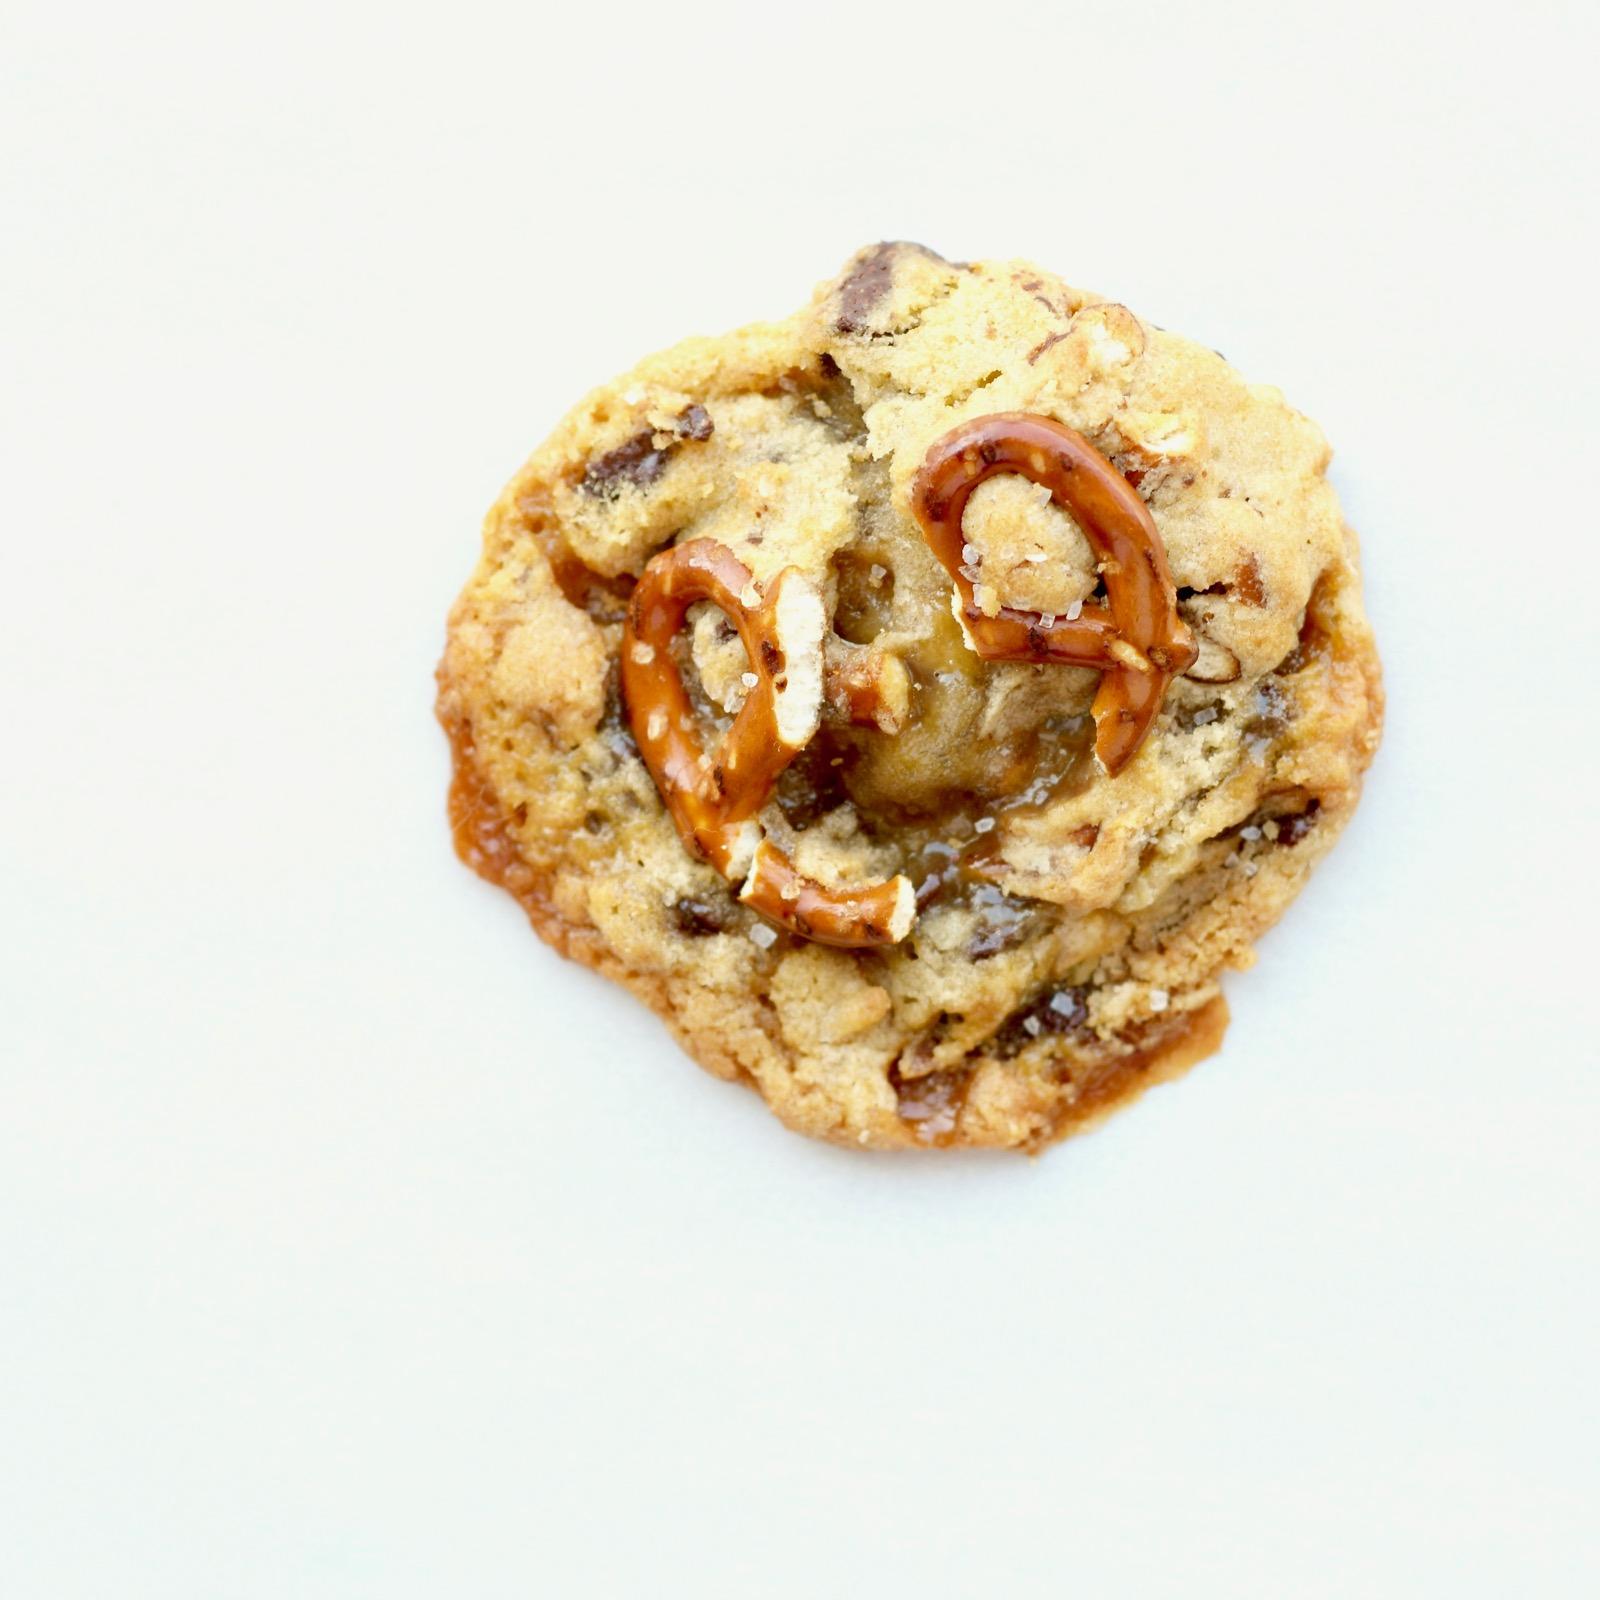 Salted Pretzel Chocolate Chip Cookie